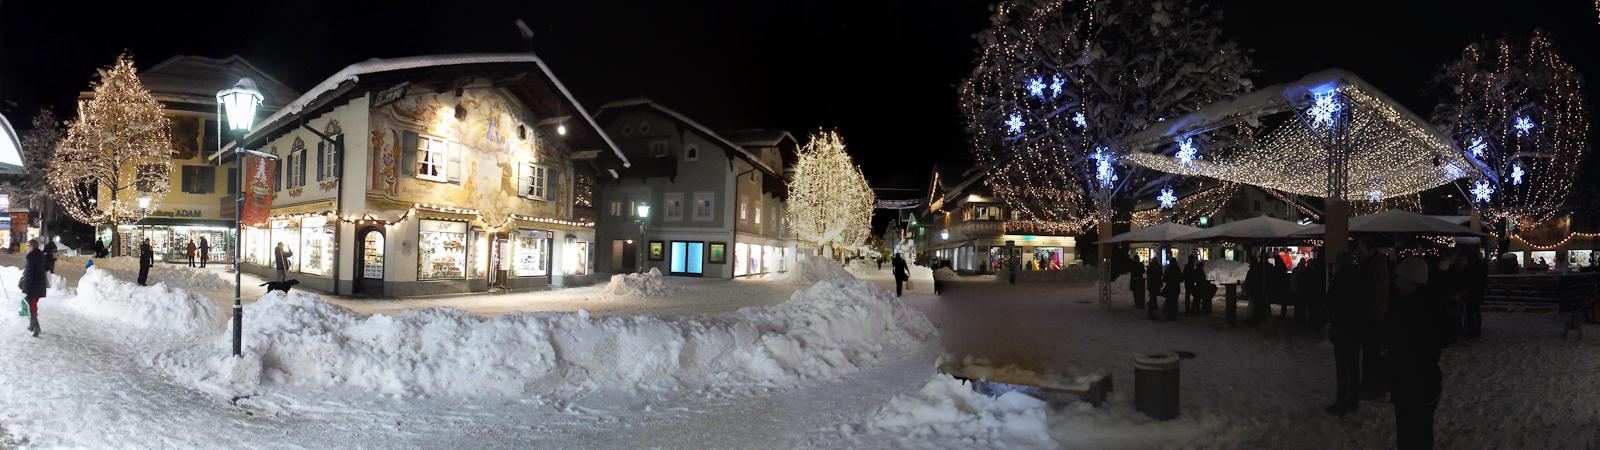 Winterspaziergang durch's vorweihnachtliche Garmisch